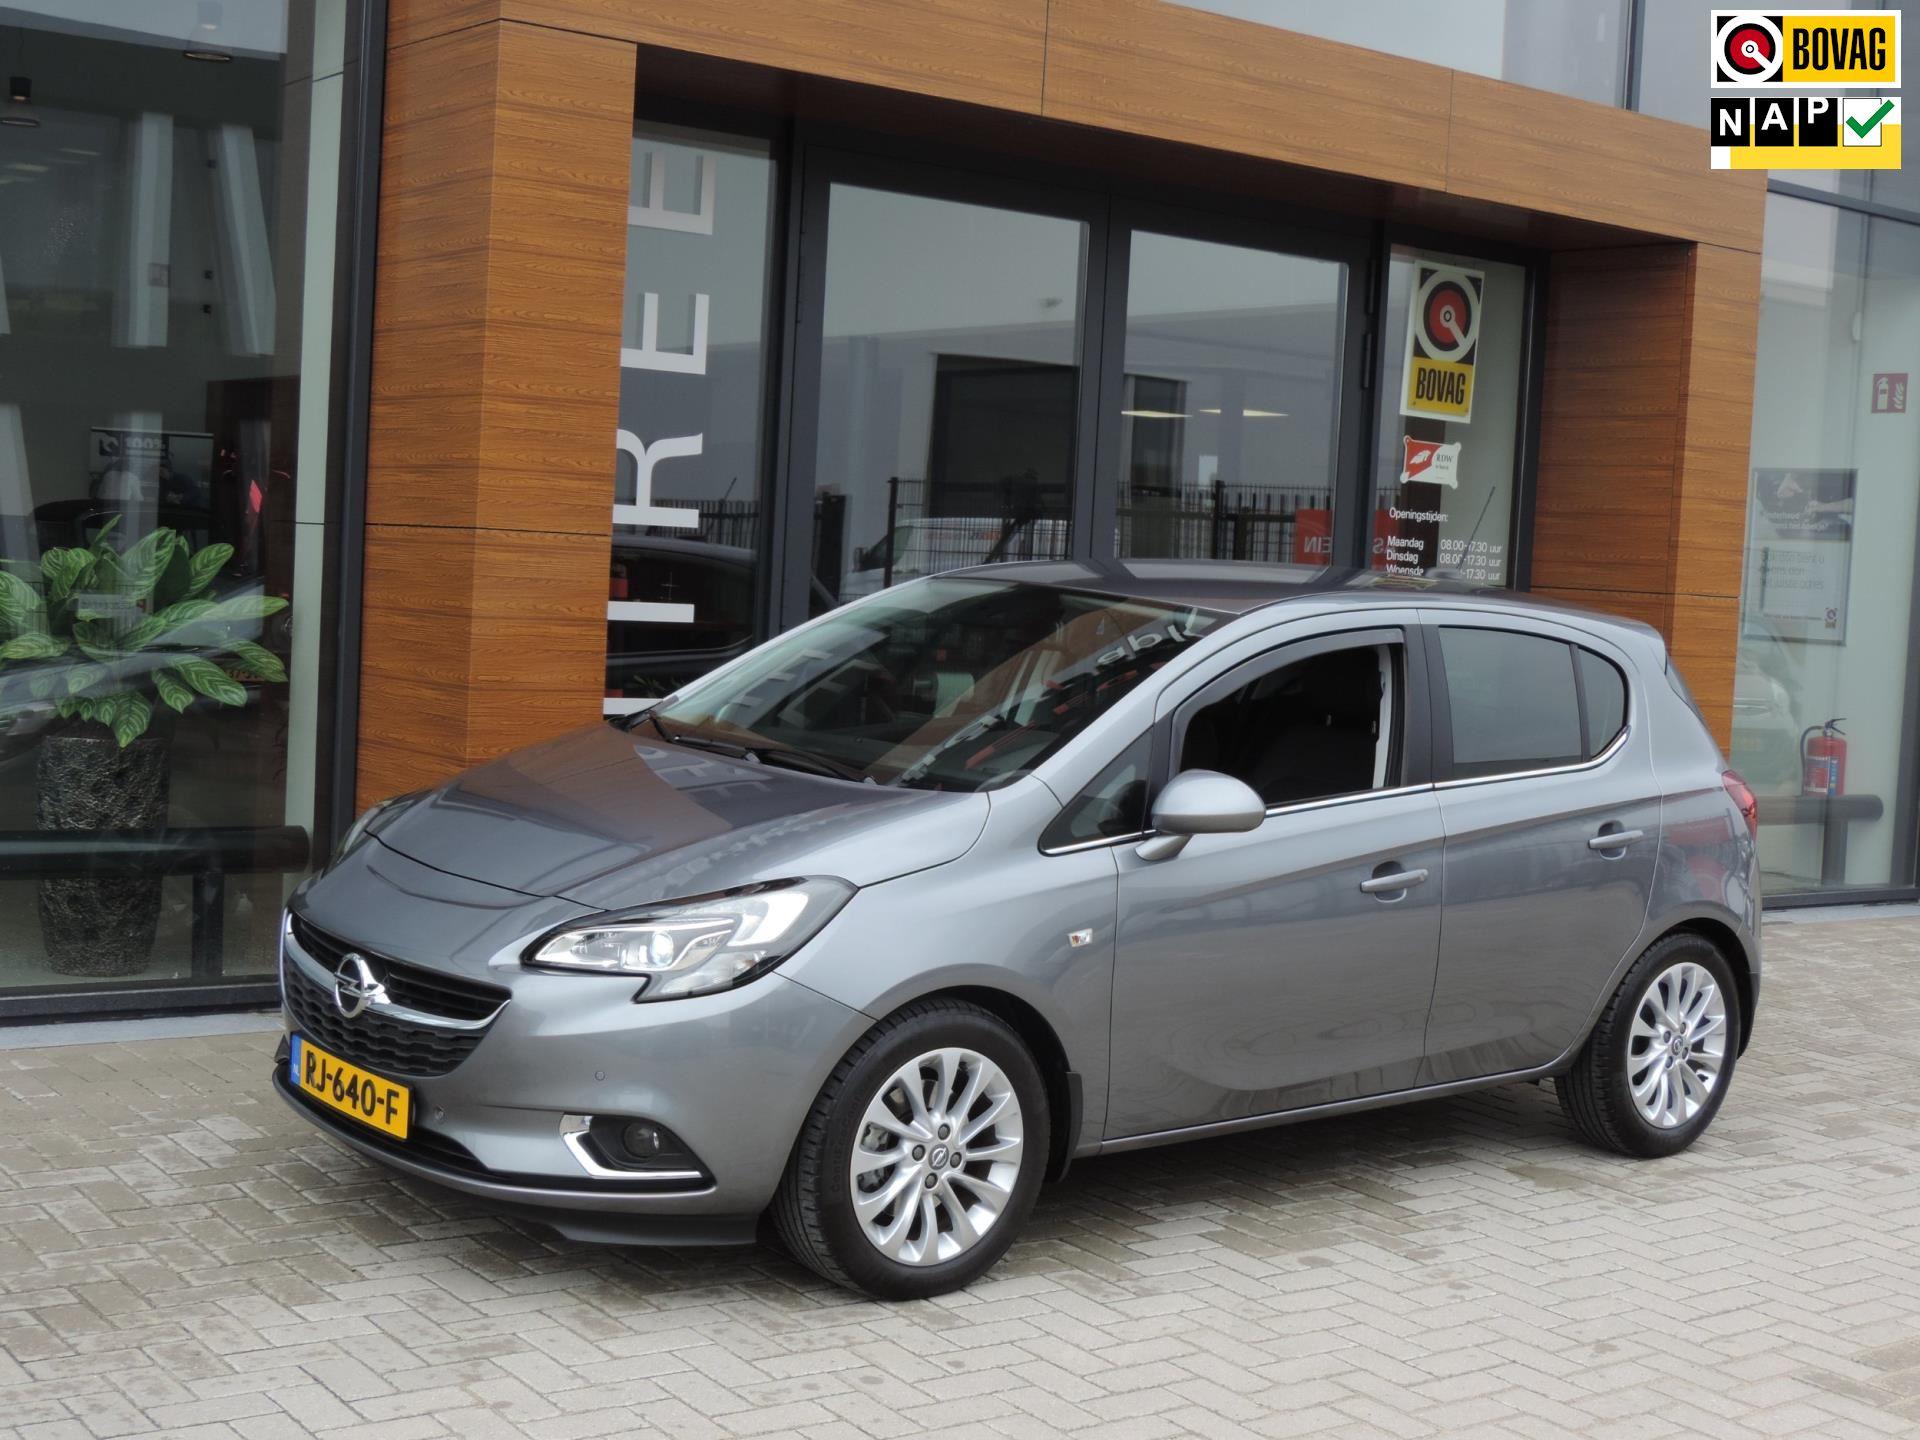 Opel Corsa occasion - Autobedrijf van Meegen